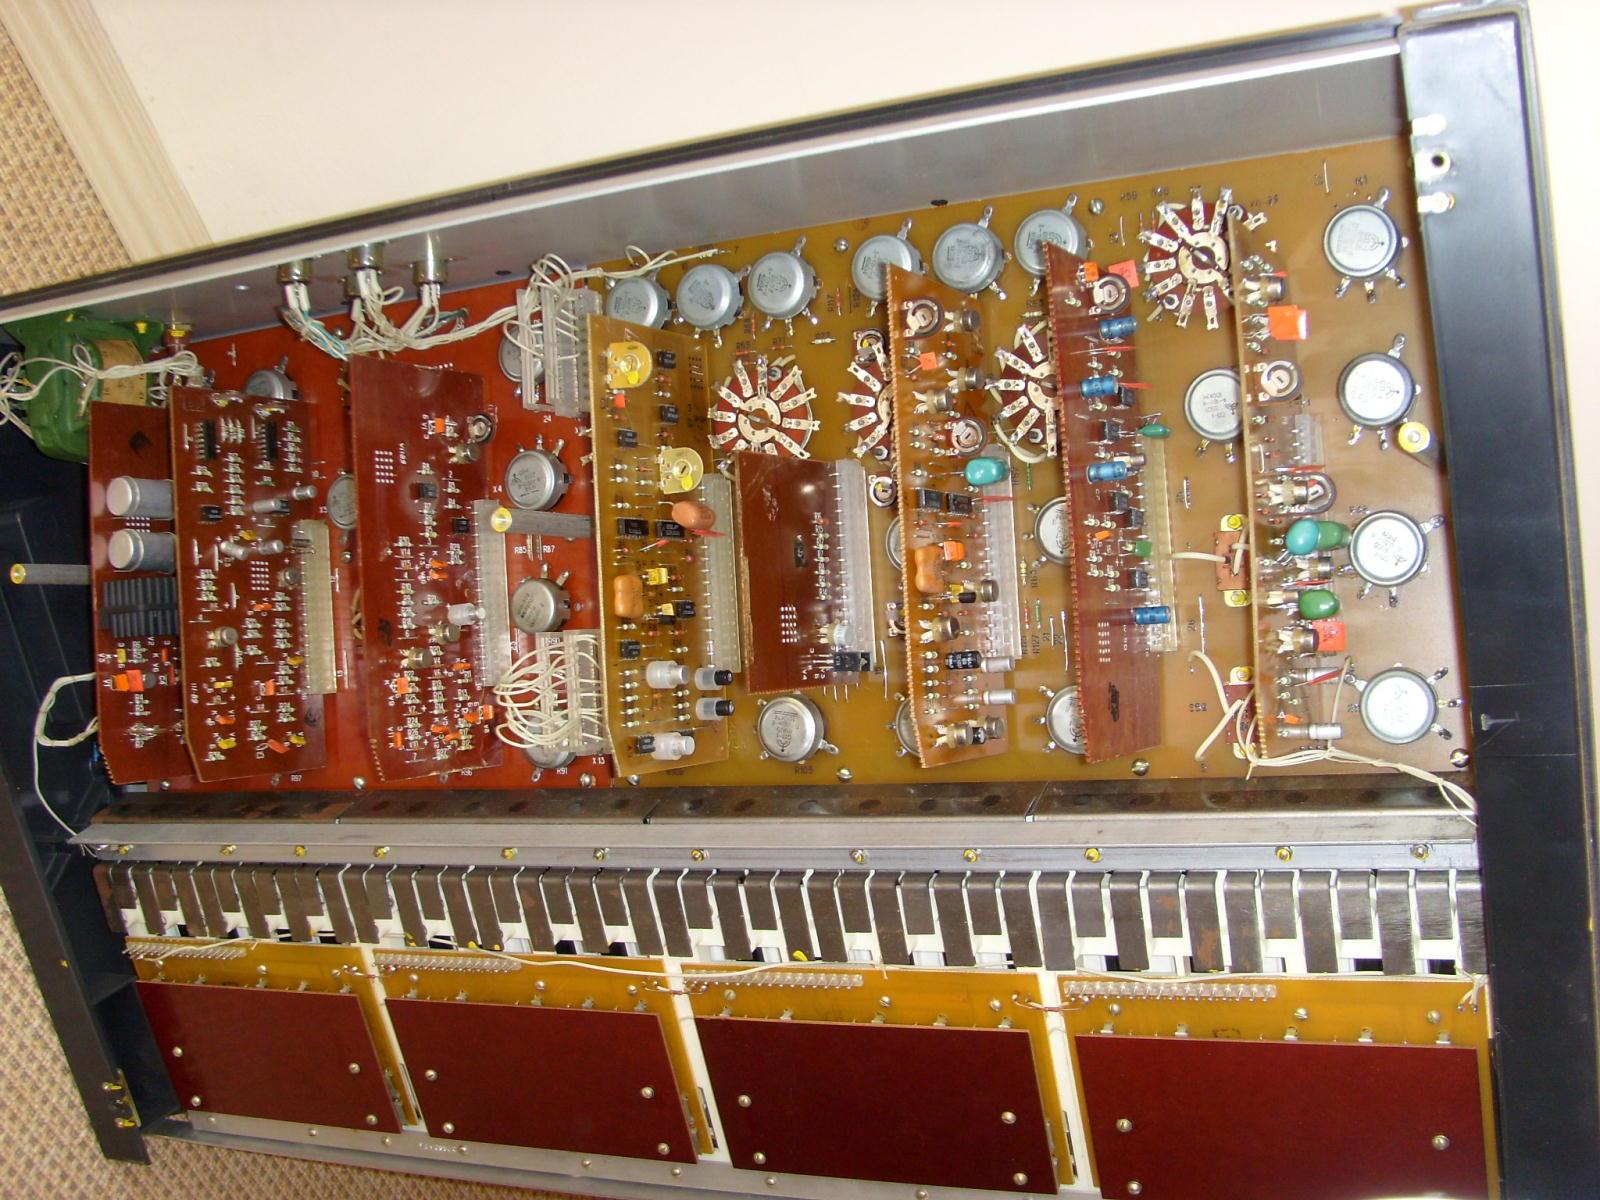 На советском синтезаторе закодировали «число зверя» для саундтрека DOOM - 3